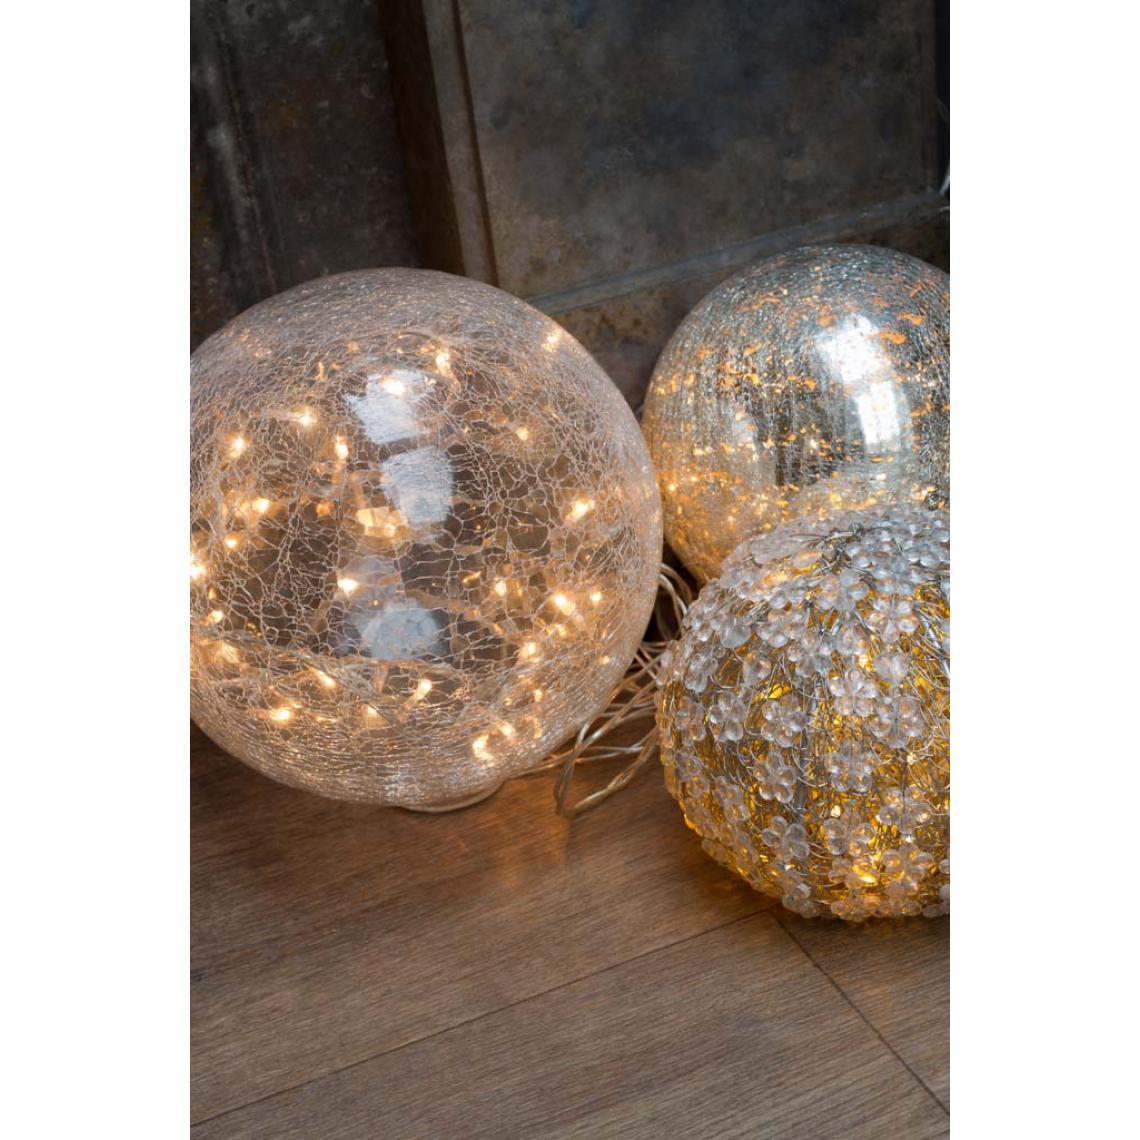 Décoration lumineuse en verre mercurisé 20cm LOMI t3UY4